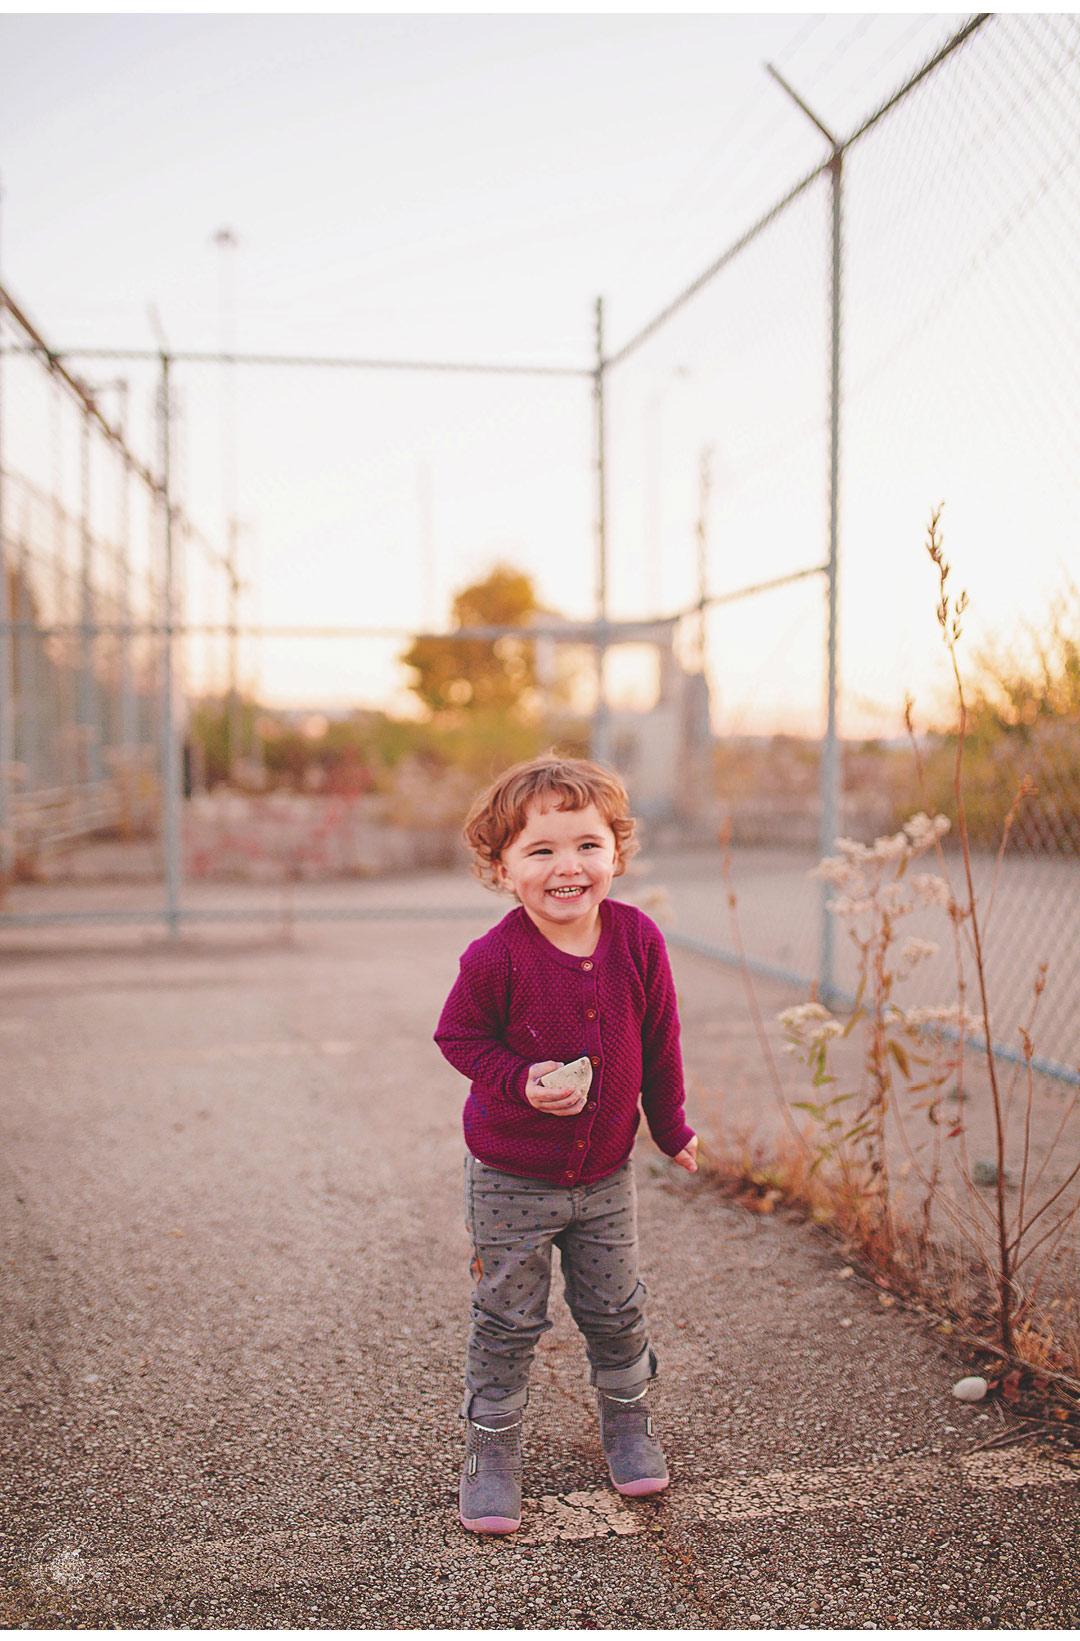 daniels-family-dayton-photographer-children-14.jpg